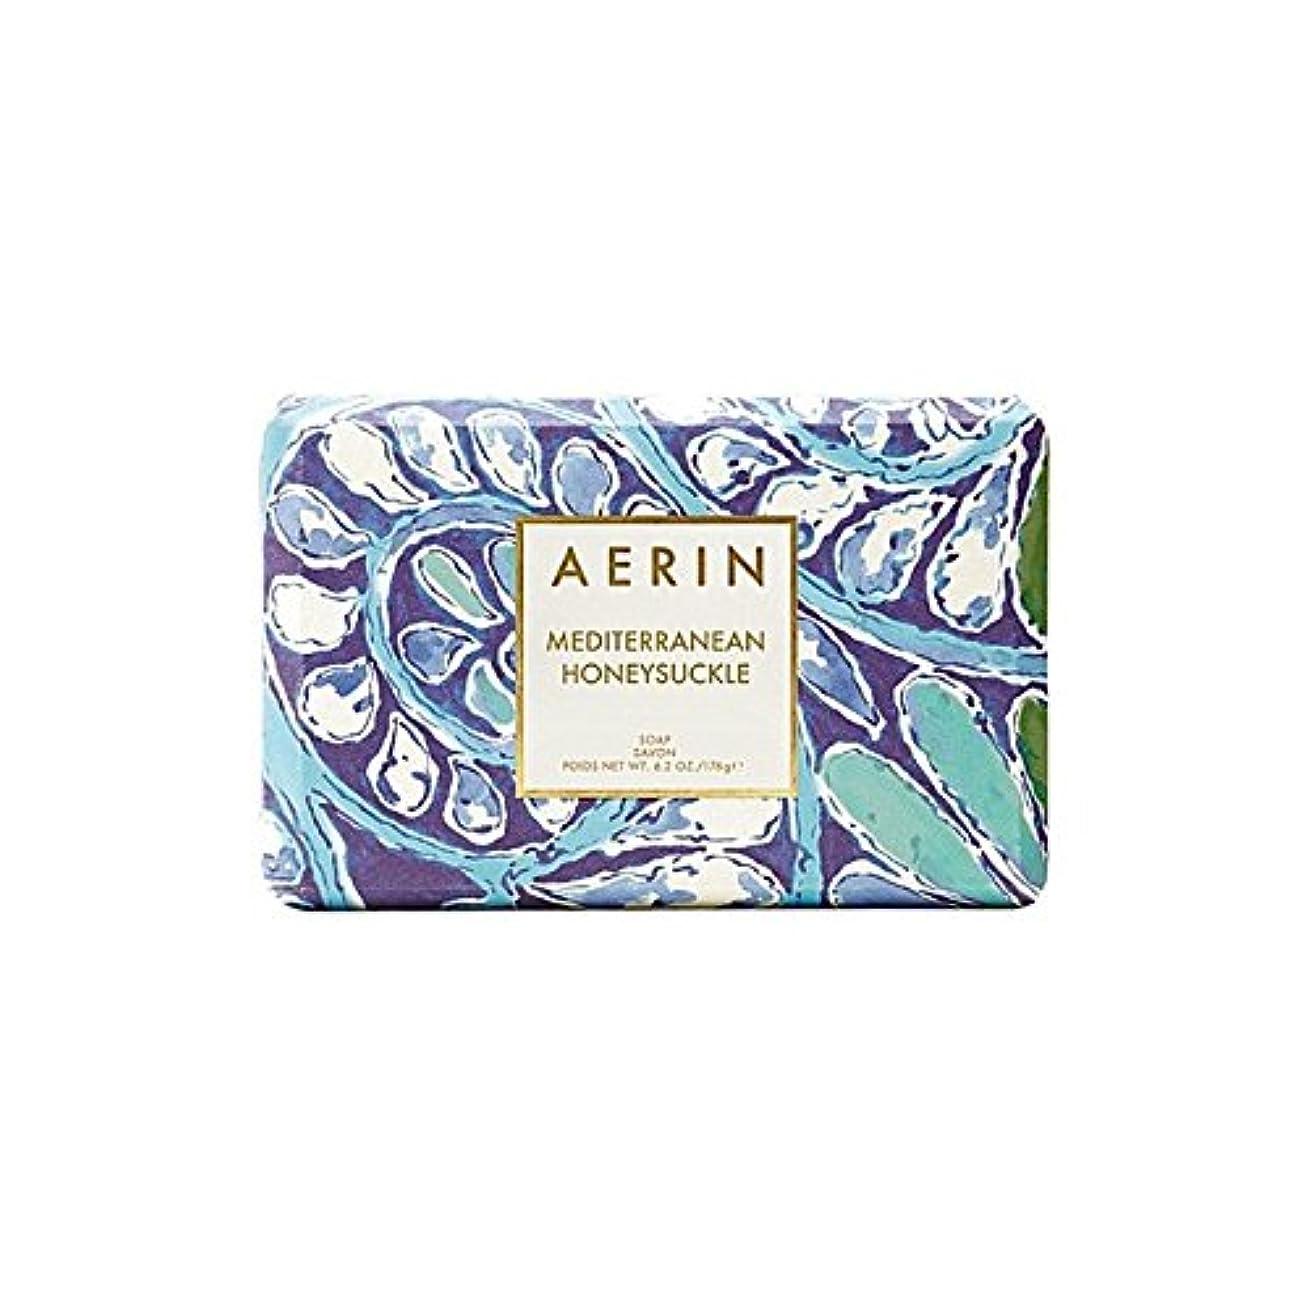 テザー推測真実Aerin Mediterrenean Honeysuckle Bar Soap 176G - スイカズラ固形石鹸176グラム [並行輸入品]